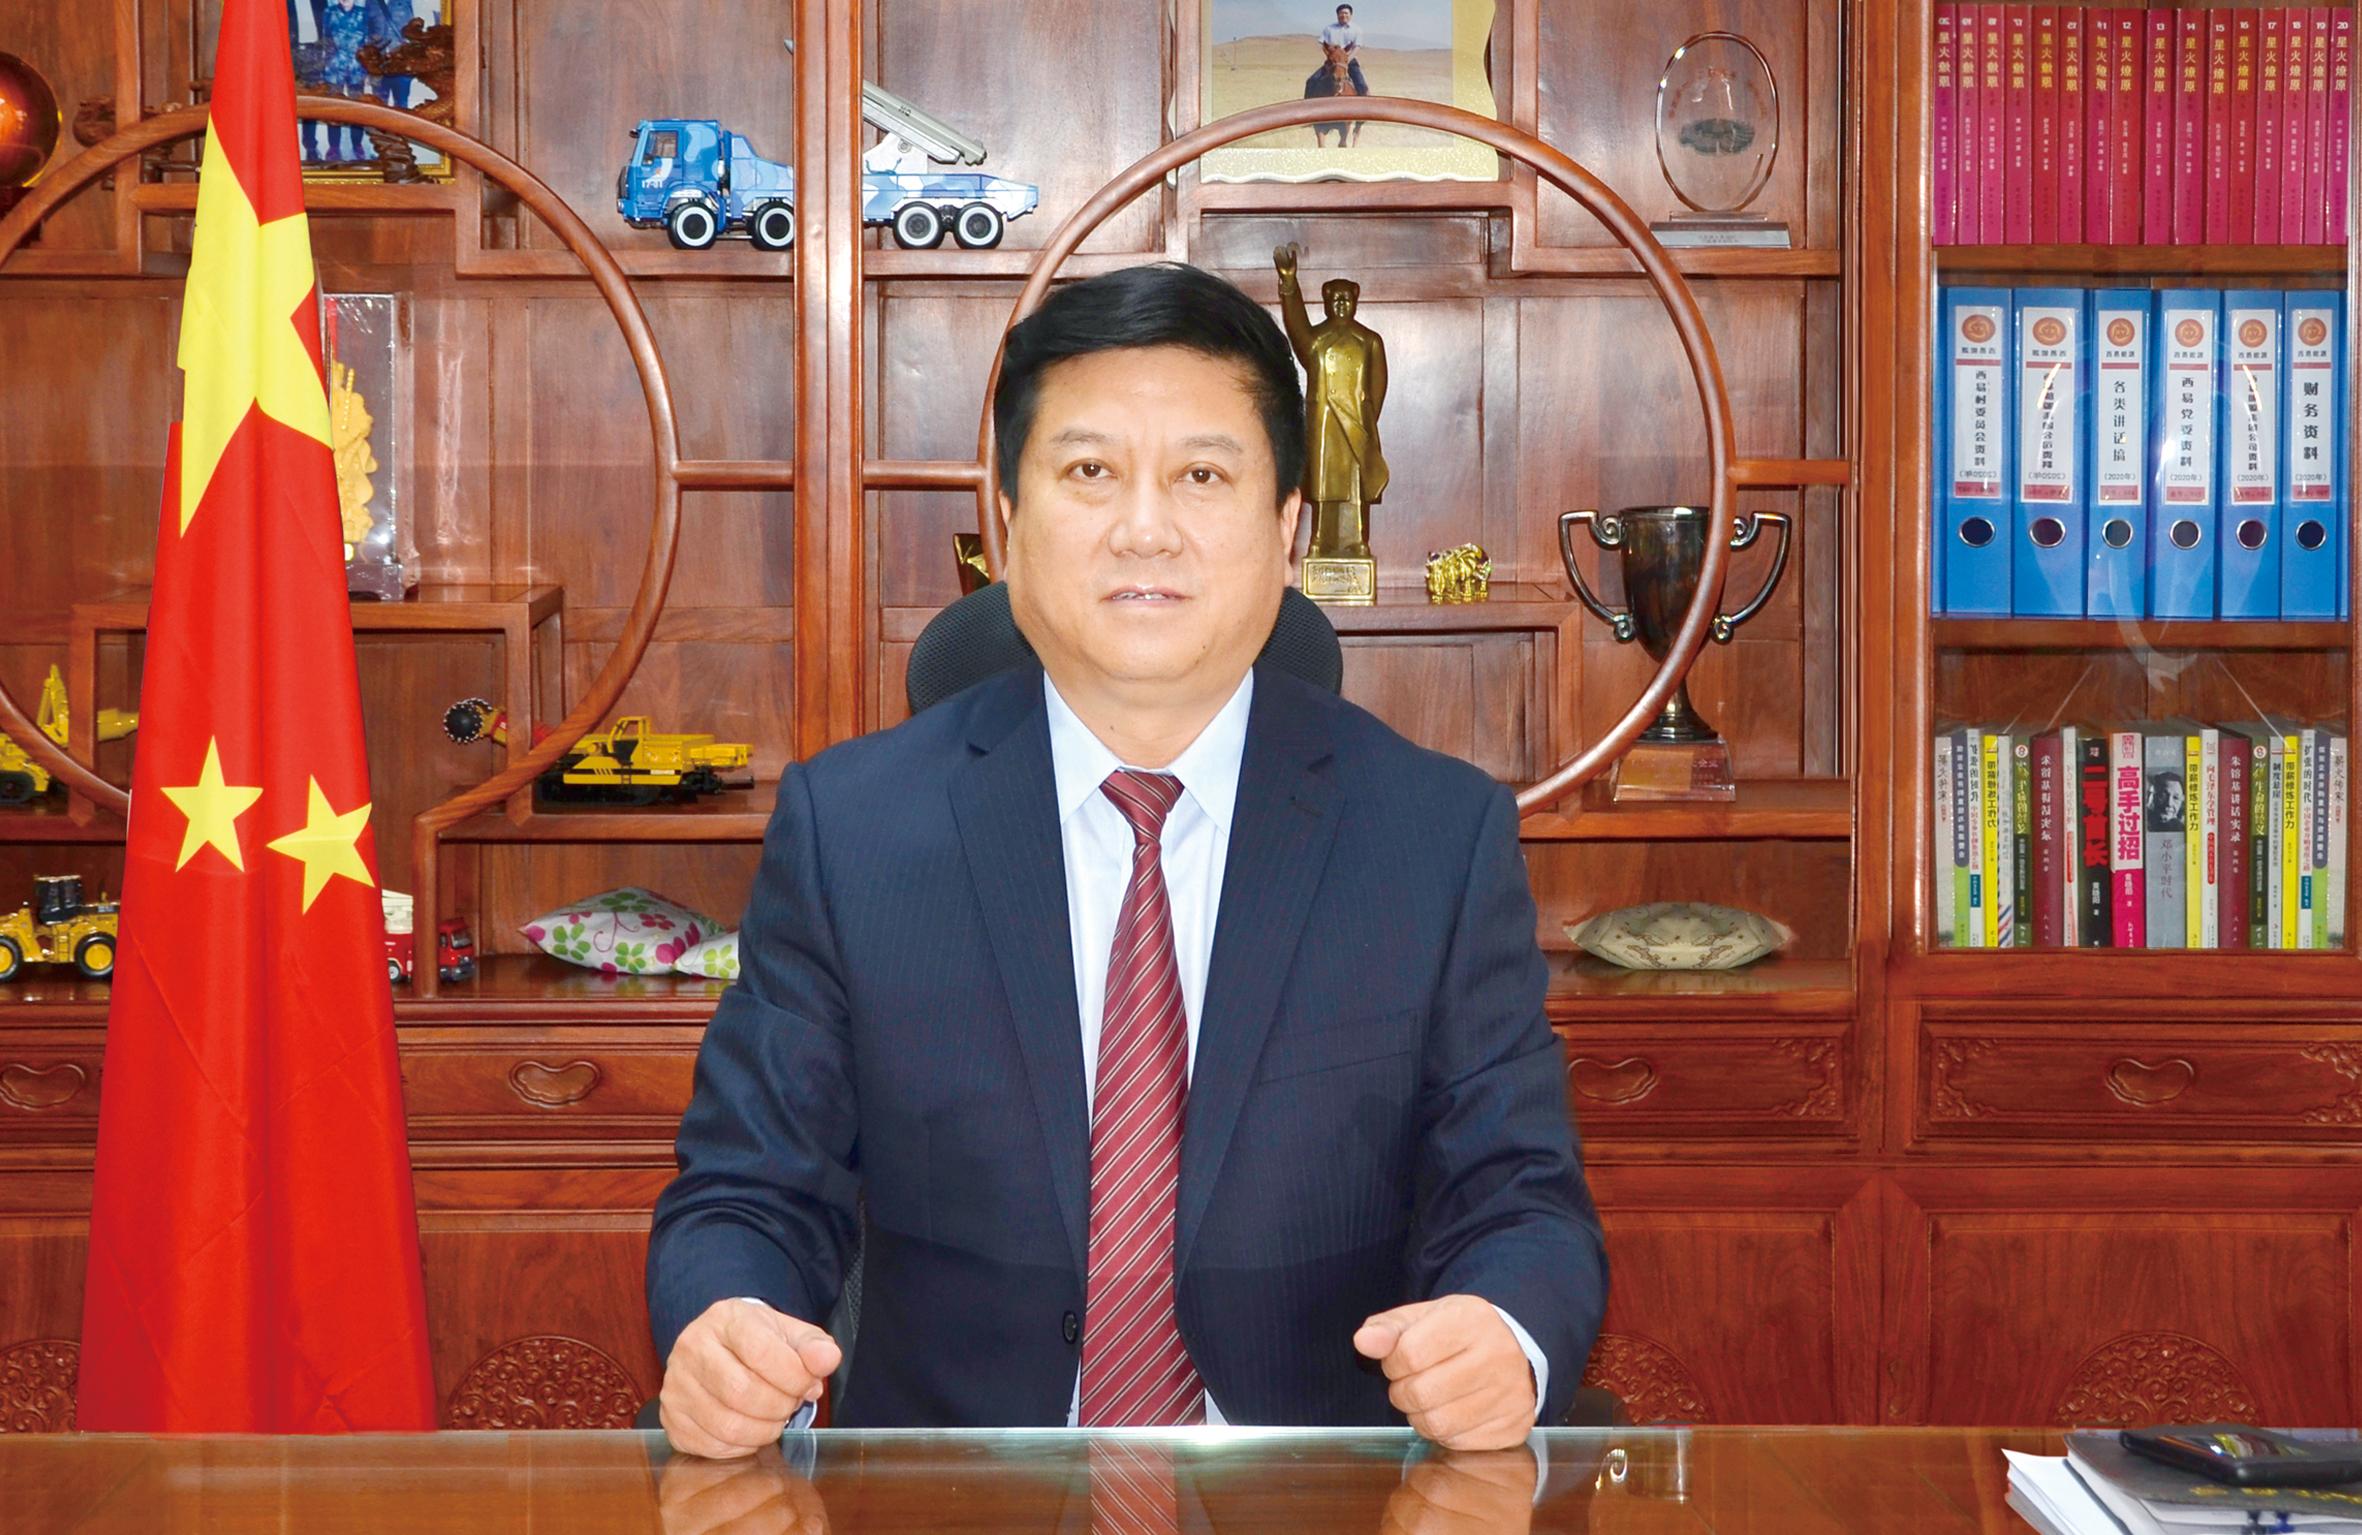 betway必威体育注册村党委书记、能源公司董事长兼总经理苗杰 2020年新年致辞